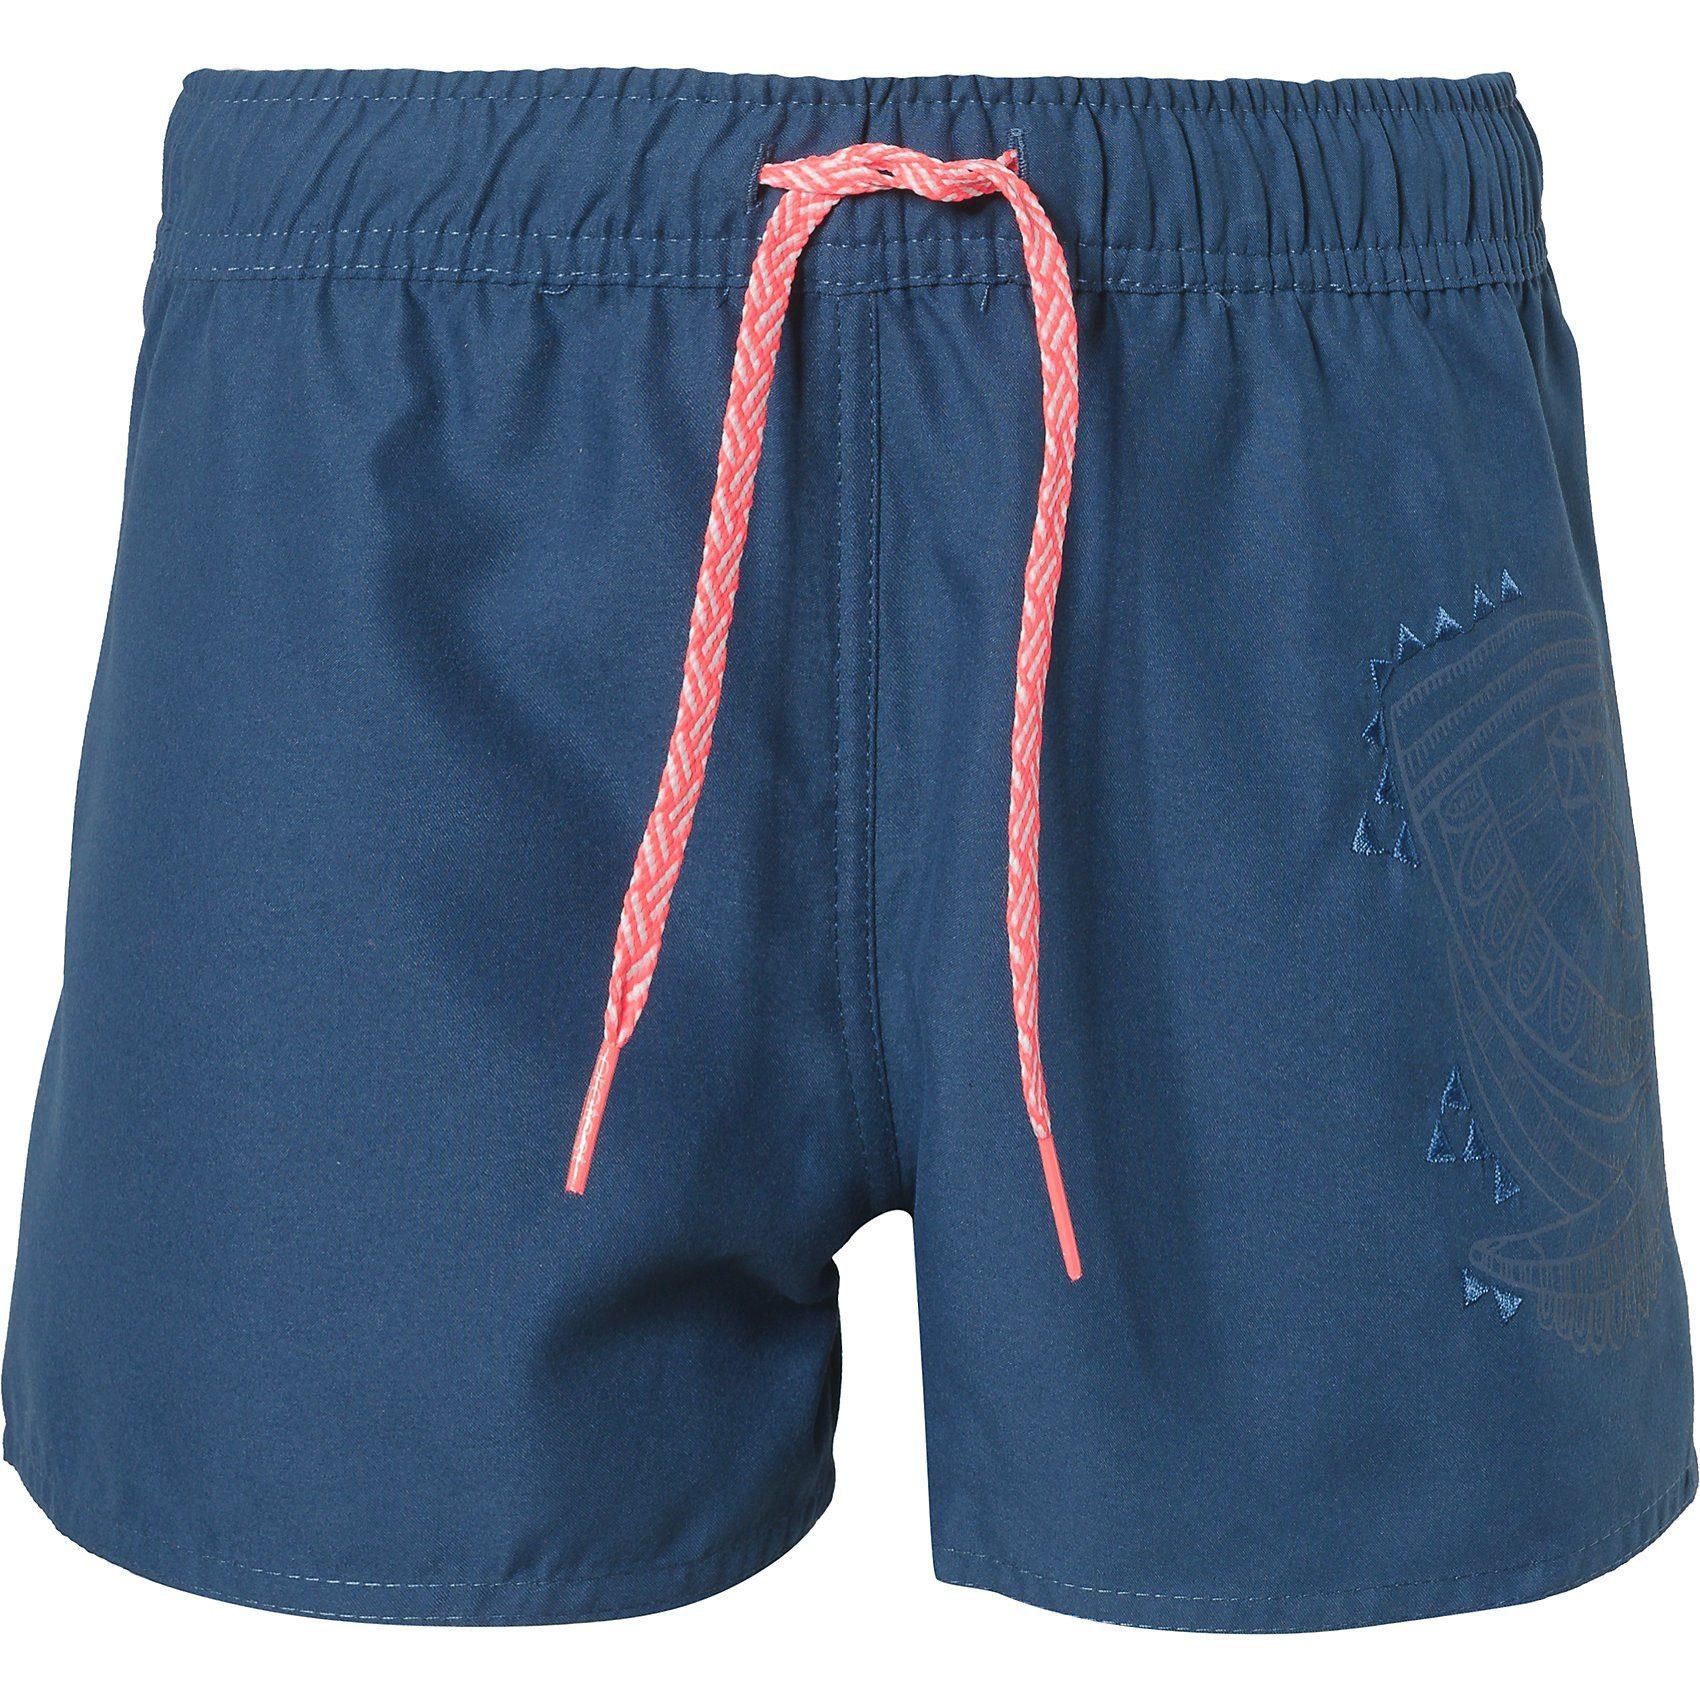 Damen,  Mädchen,  Kinder Protest Shorts FOUKE für Mädchen blau | 08718025834518